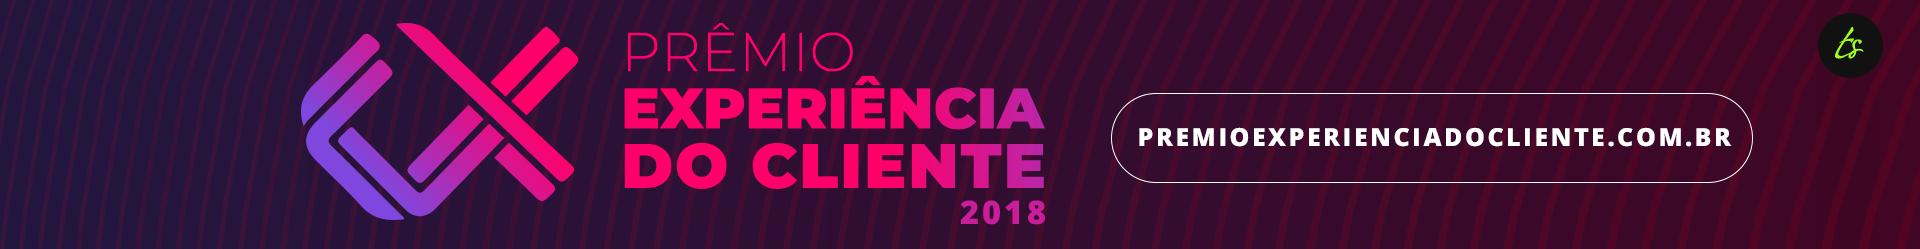 Prêmio Experiência do Cliente 2018